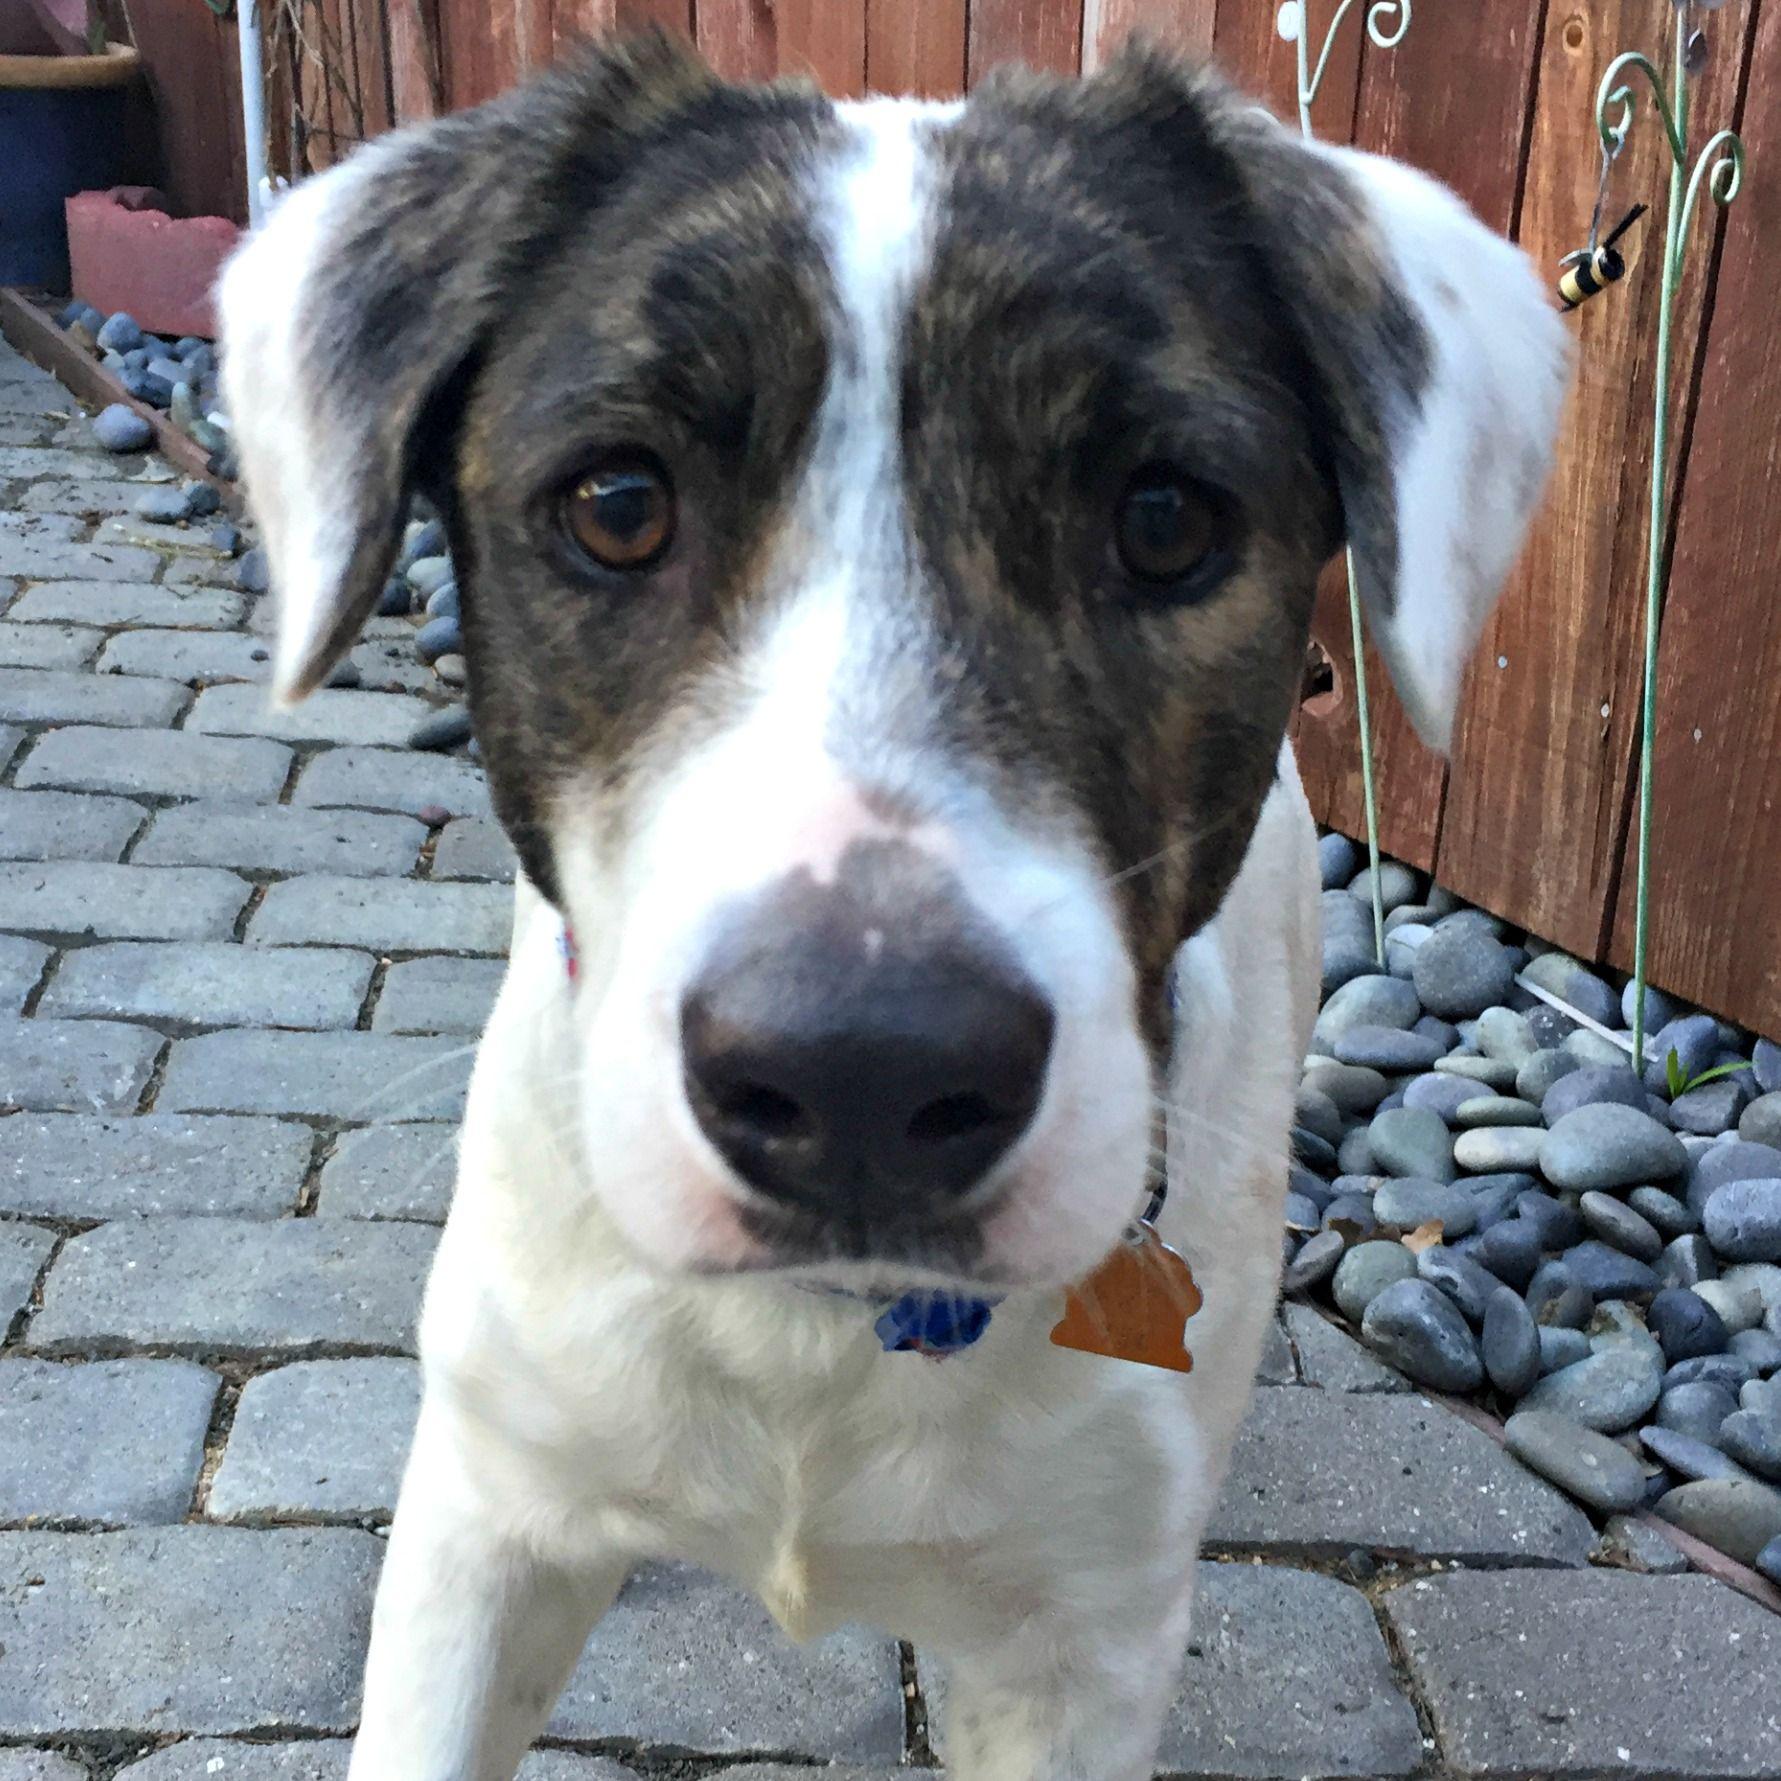 Sheprador dog for Adoption in Sunnyvale, CA. ADN440716 on